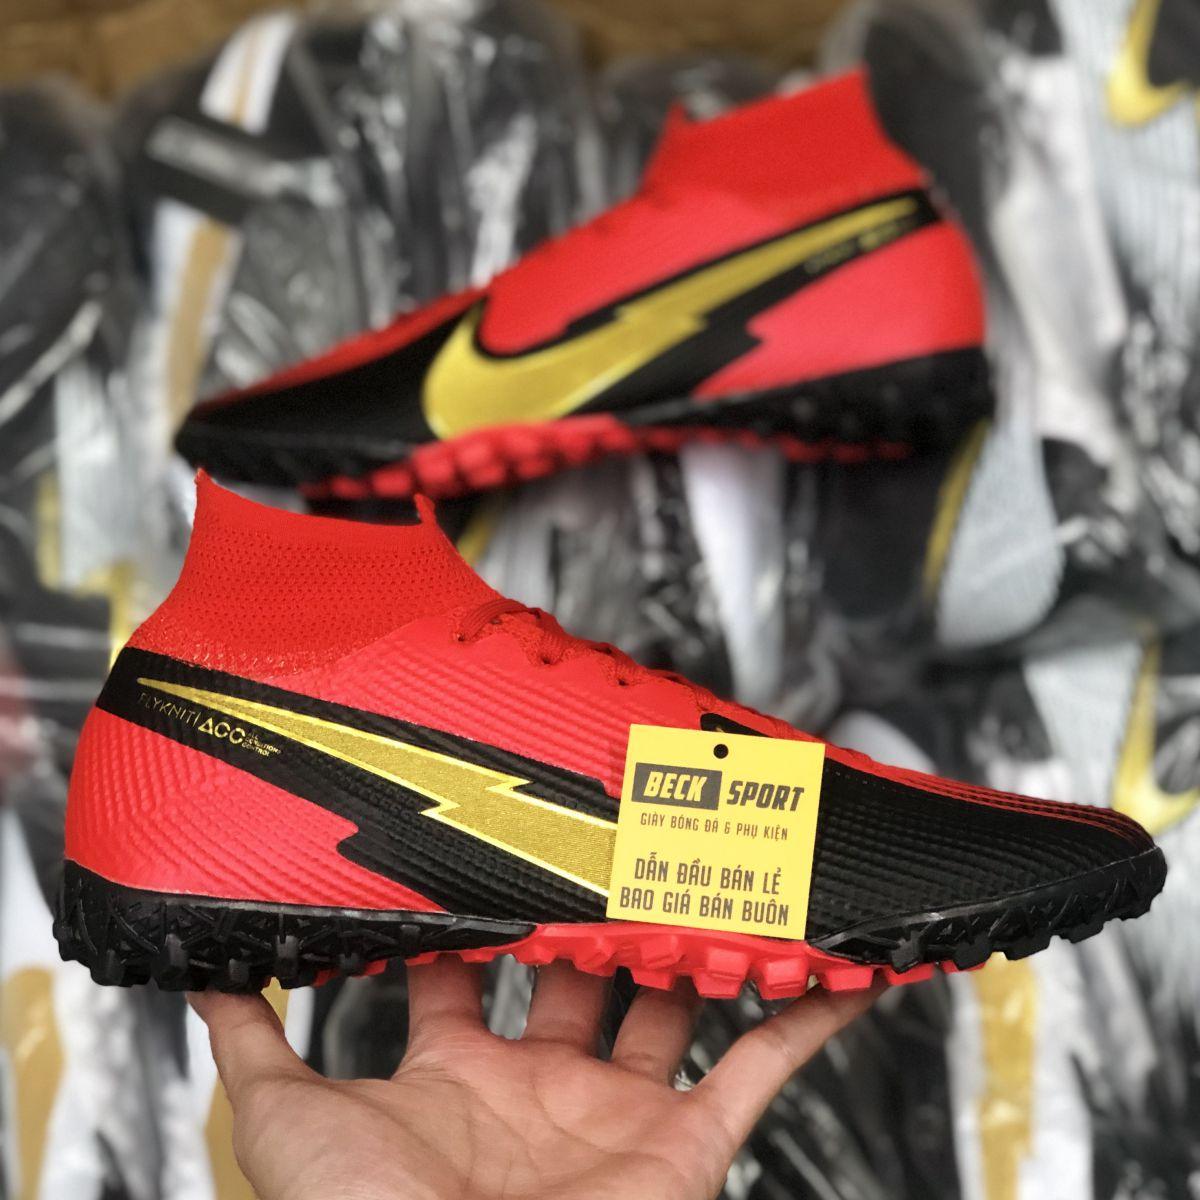 Giày Bóng Đá Nike Mercurial Superfly 7 Elite Đỏ Đen Vạch Vàng Cổ Cao TF